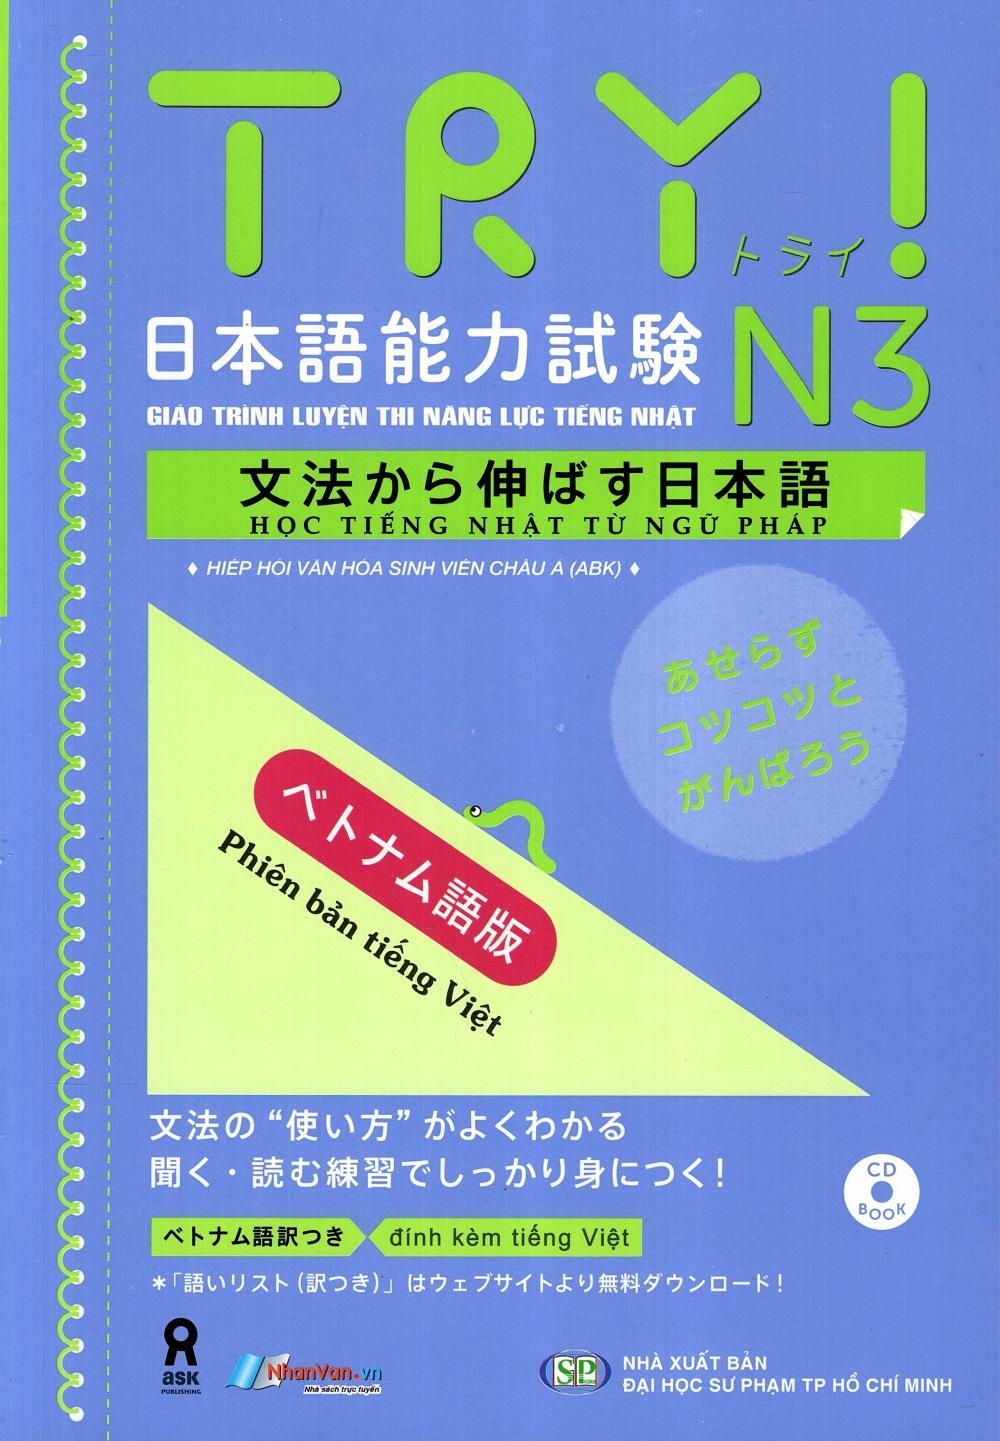 Bìa sách Giáo Trình Luyện Thi Năng Lực Tiếng Nhật Try! - N3 (Kèm 1 CD)